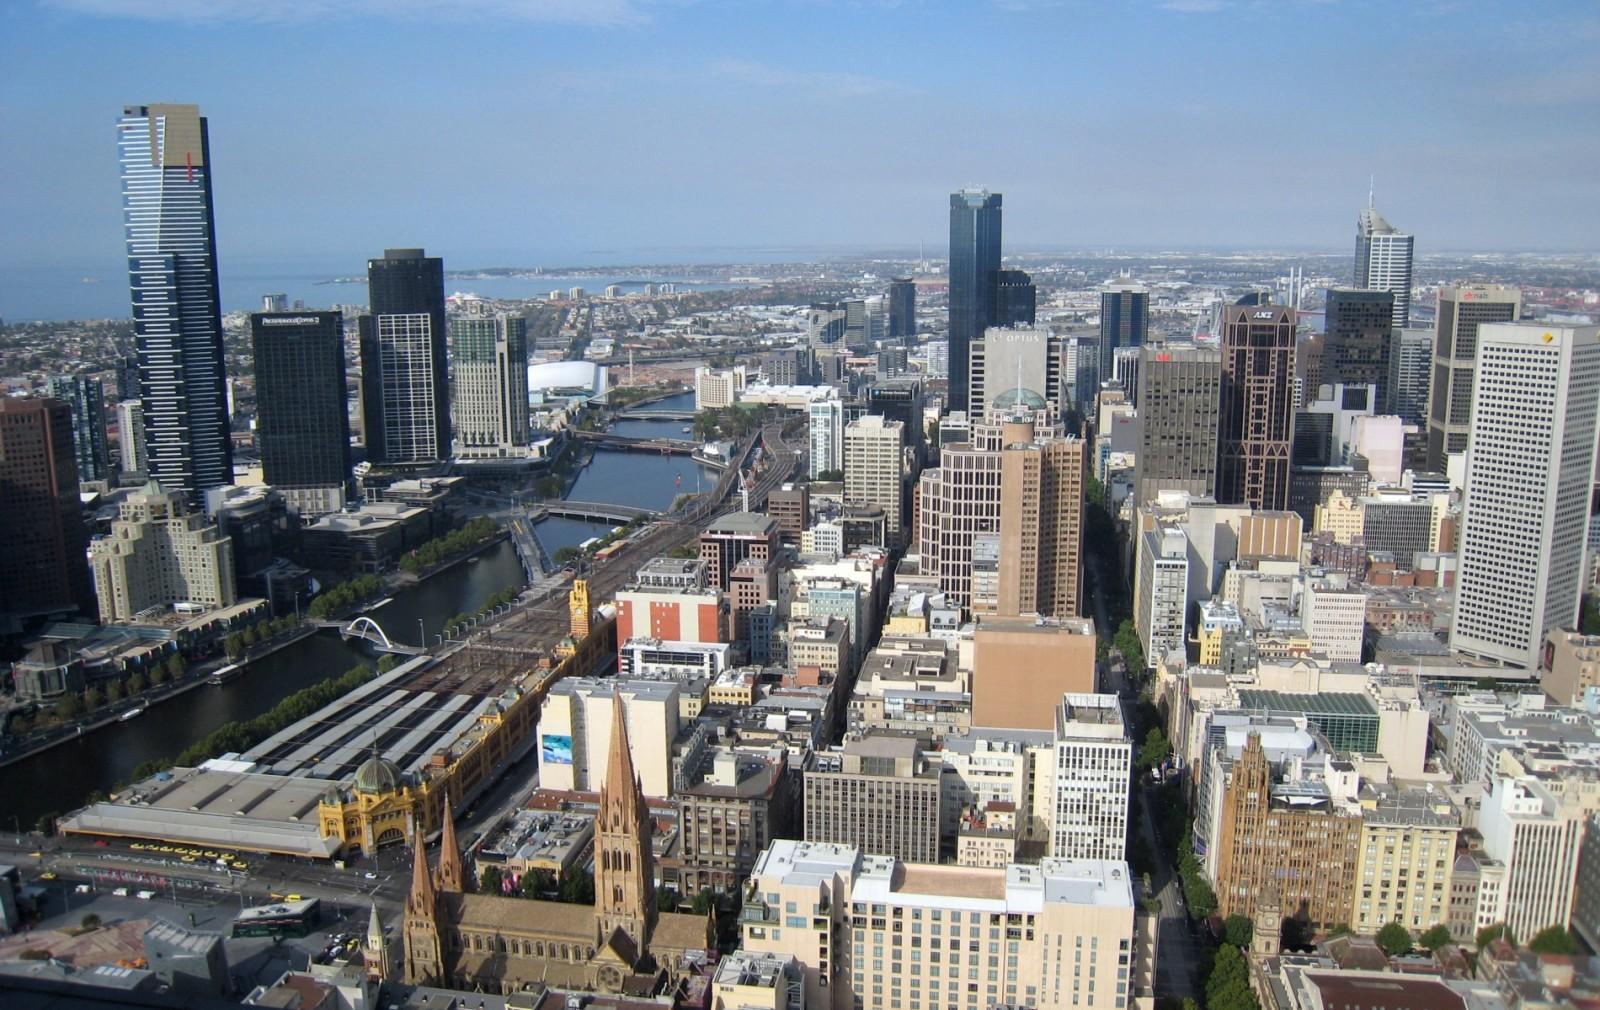 Melburna, Viktorija, Austrālija